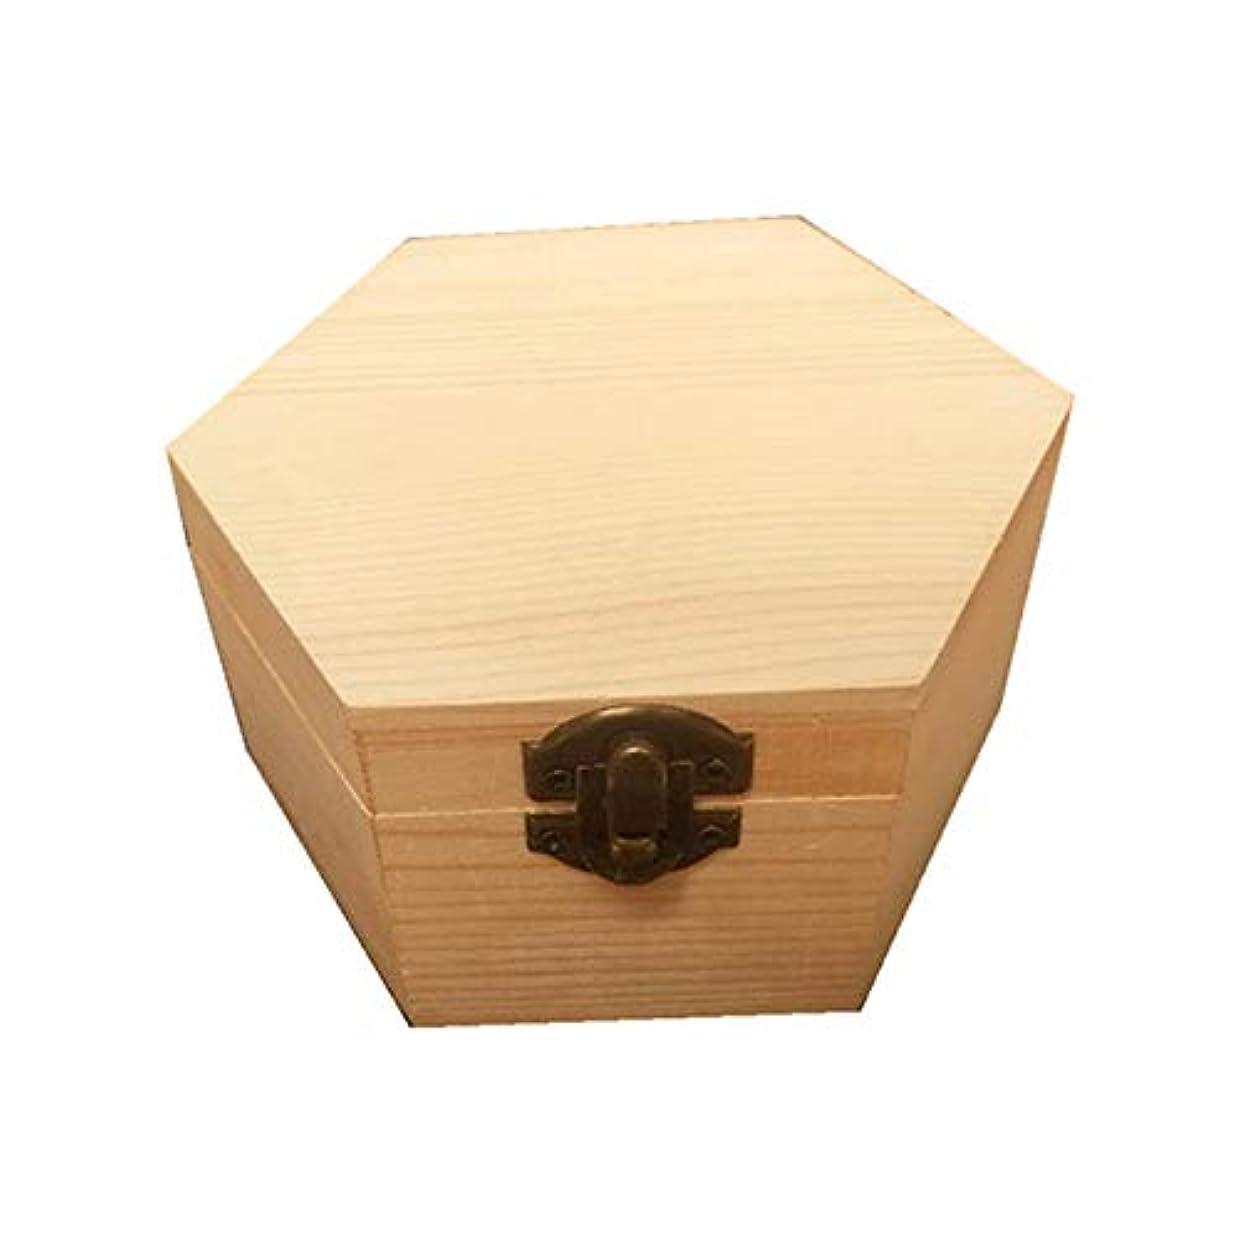 曲げる雇ったチラチラするエッセンシャルオイルの保管 手作りの木製ギフトボックスパーフェクトエッセンシャルオイルケースにエッセンシャルオイル (色 : Natural, サイズ : 13X11.3X6.8CM)